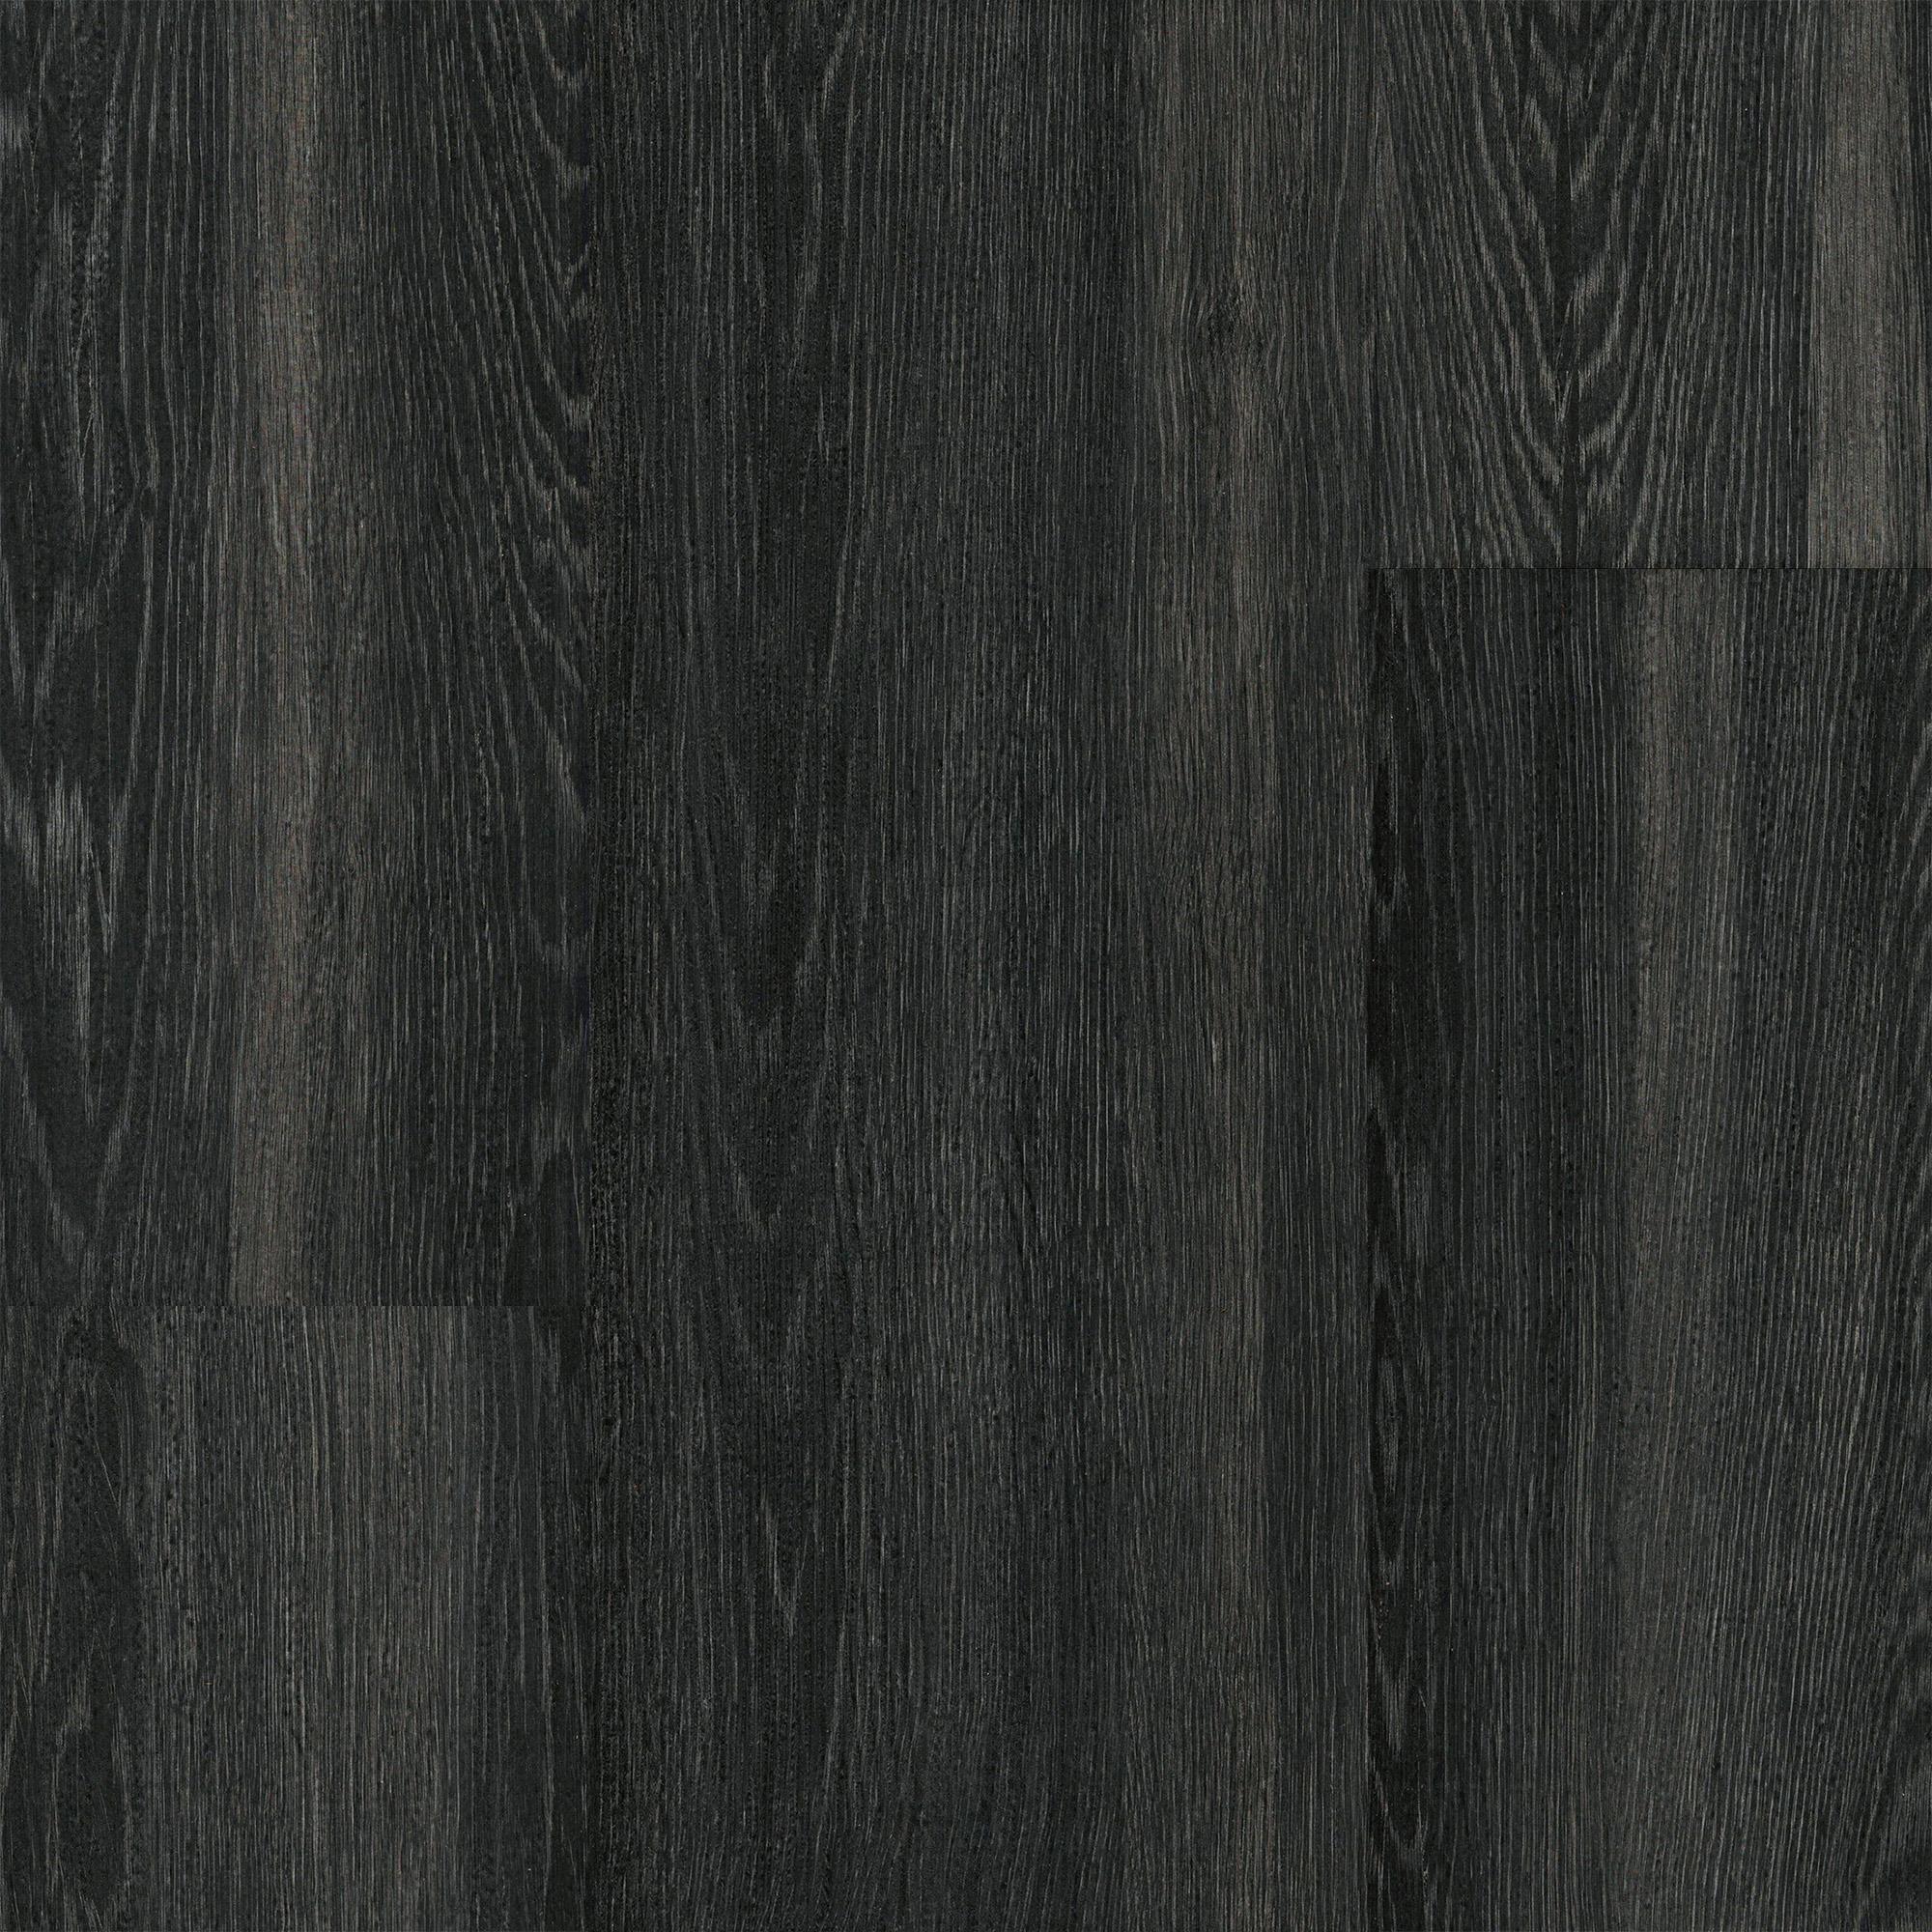 Coretec Plus Xl Gotham Oak Wpc Vinyl Flooring Dark